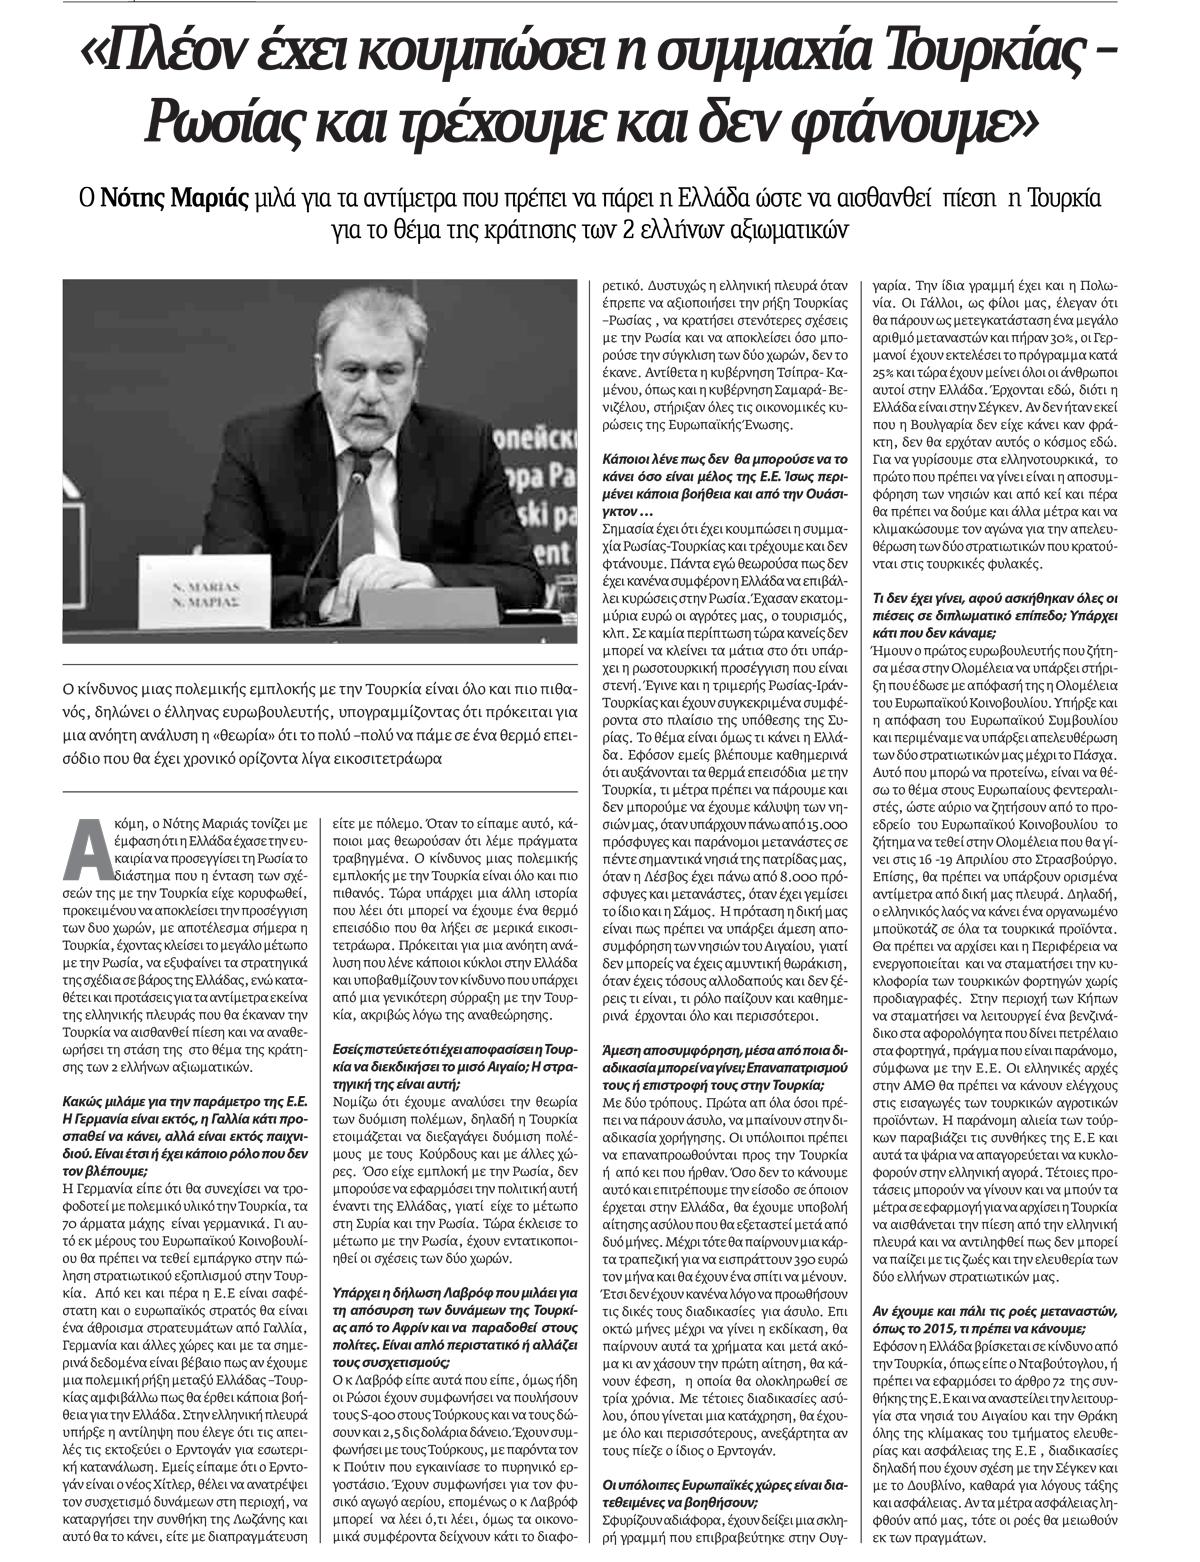 Έγραψαν: «Νέα Εγνατία» 12-4-2018 (Πλέον έχει κουμπώσει η συμμαχία Τουρκίας - Ρωσίας και τρέχουμε και δεν φτάνουμε)